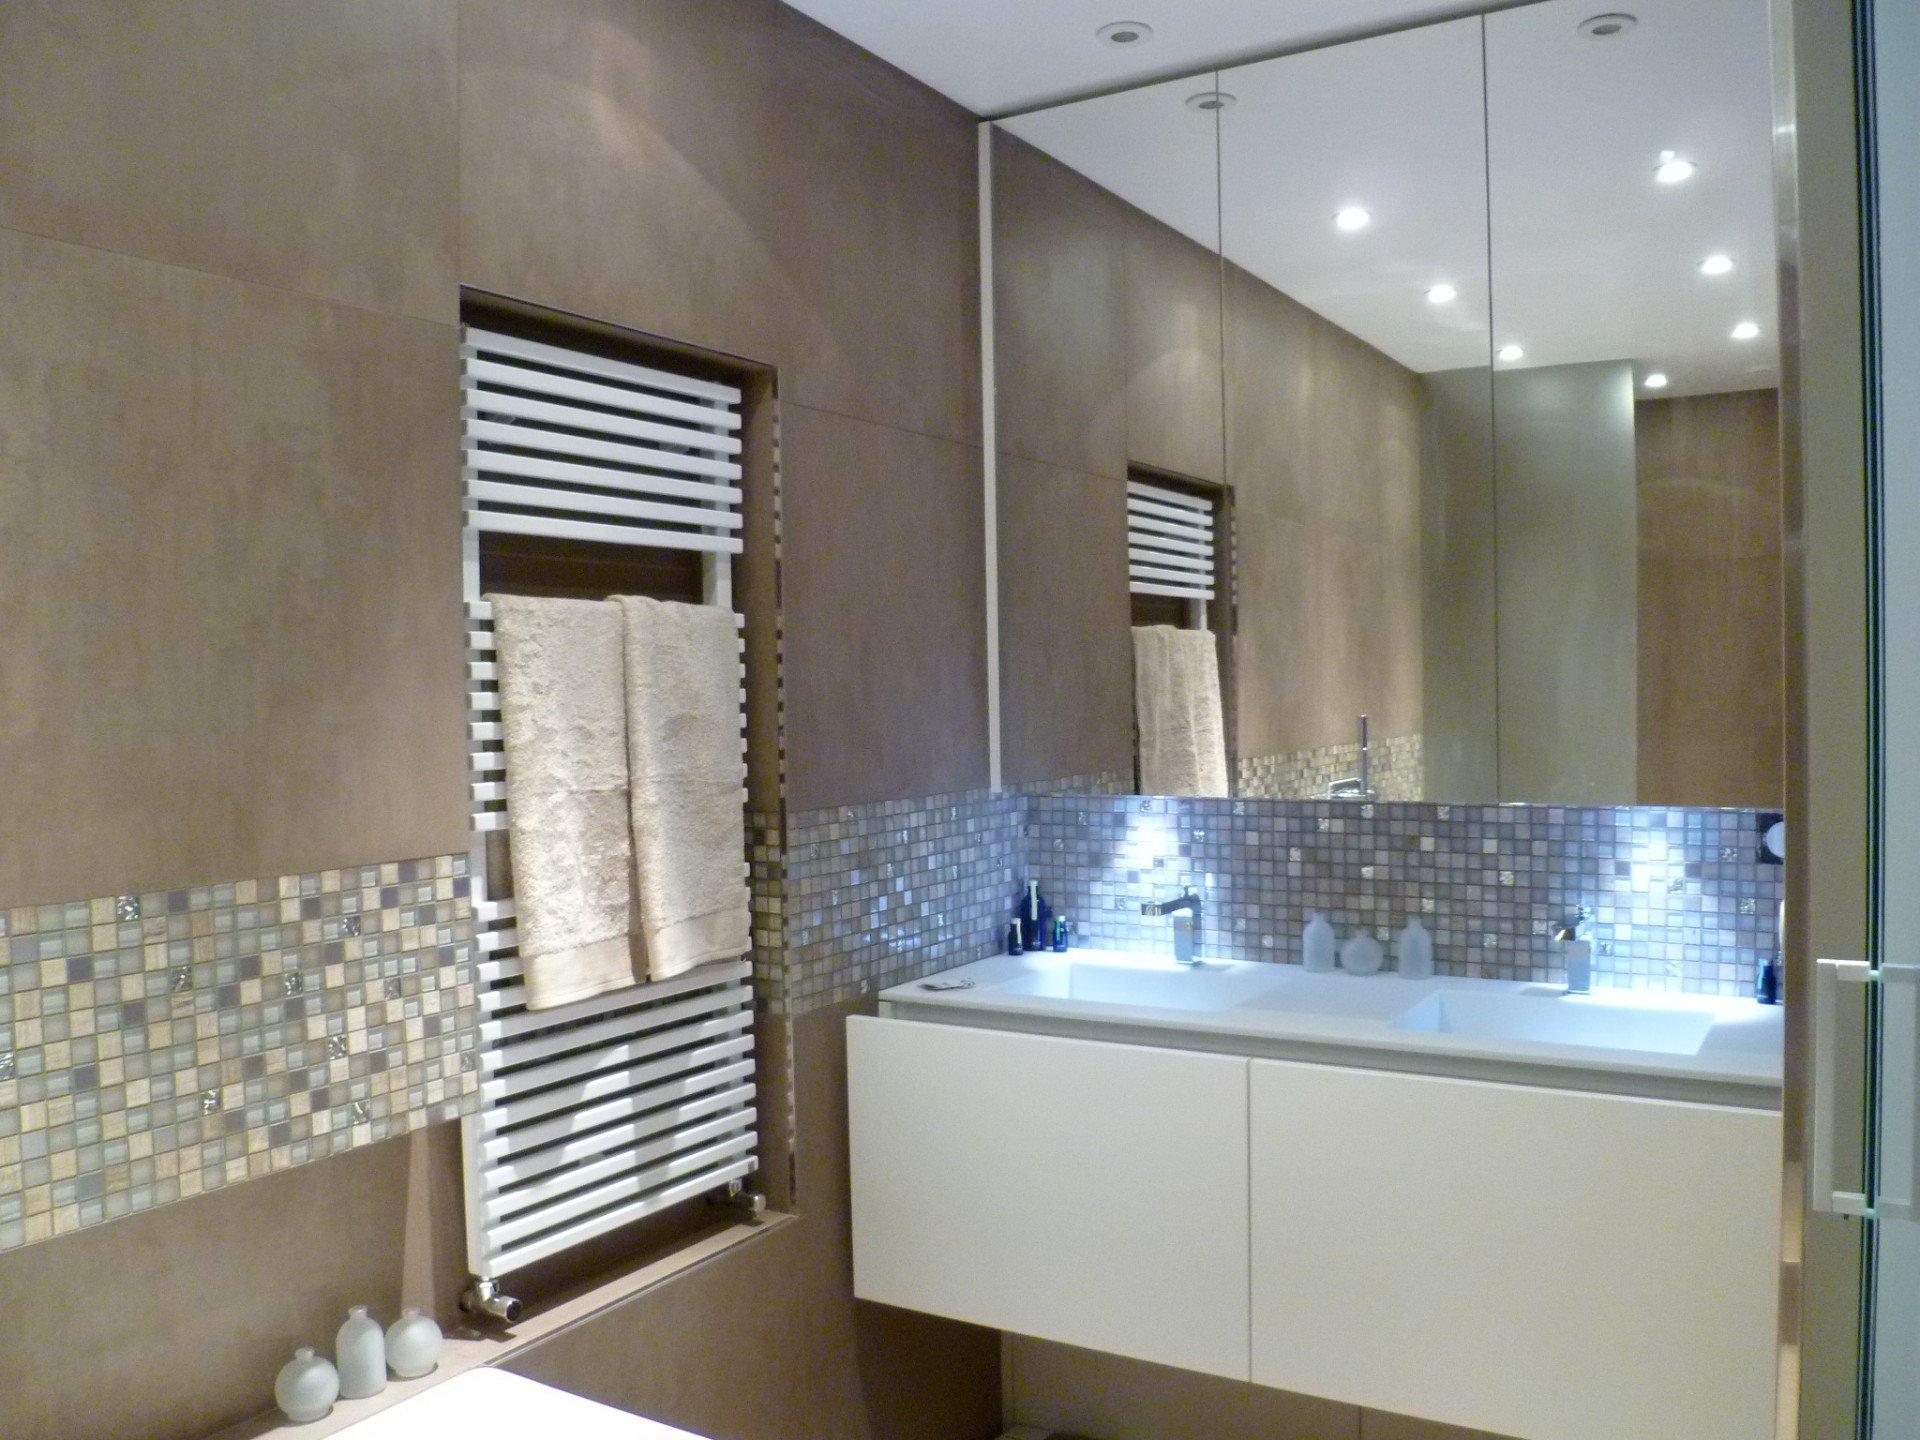 Une salle de bain aux teintes douces creativ mobilier for Mobilier de salle de bains